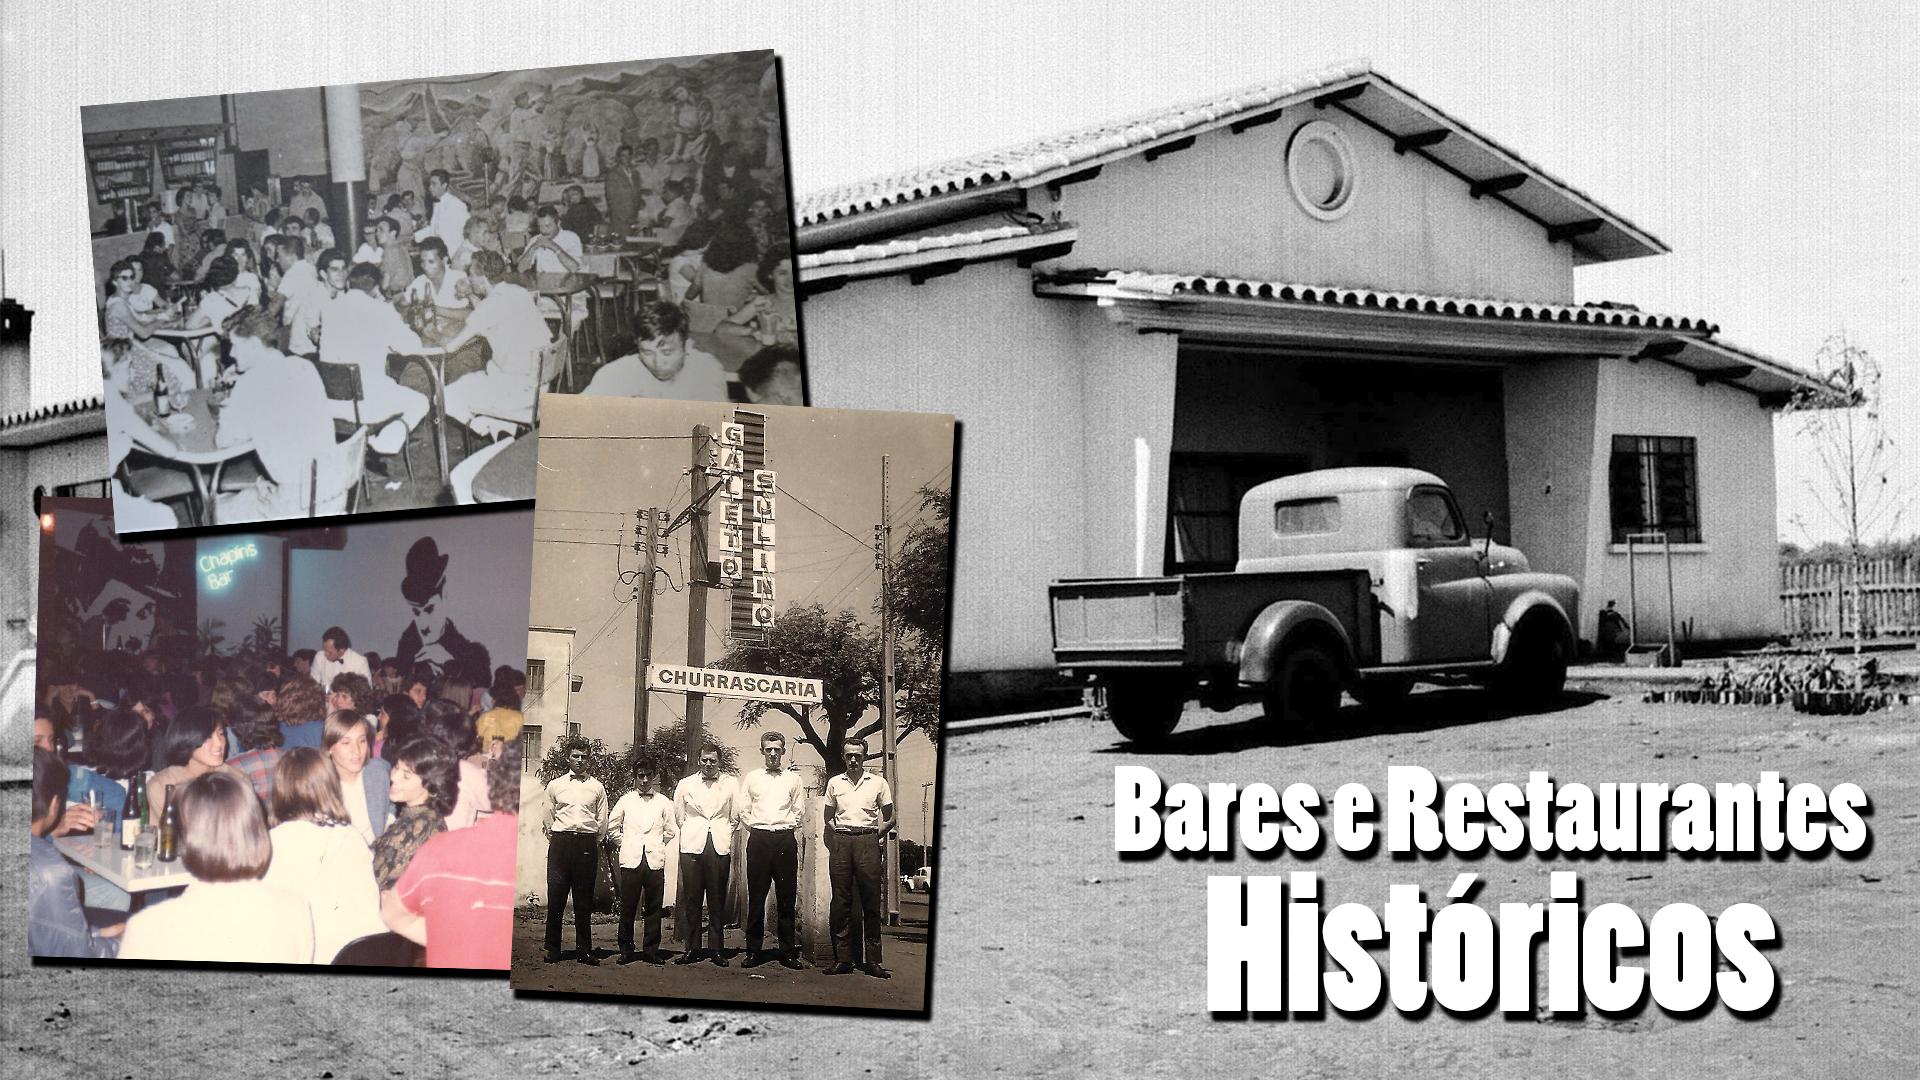 Bares e restaurantes históricos